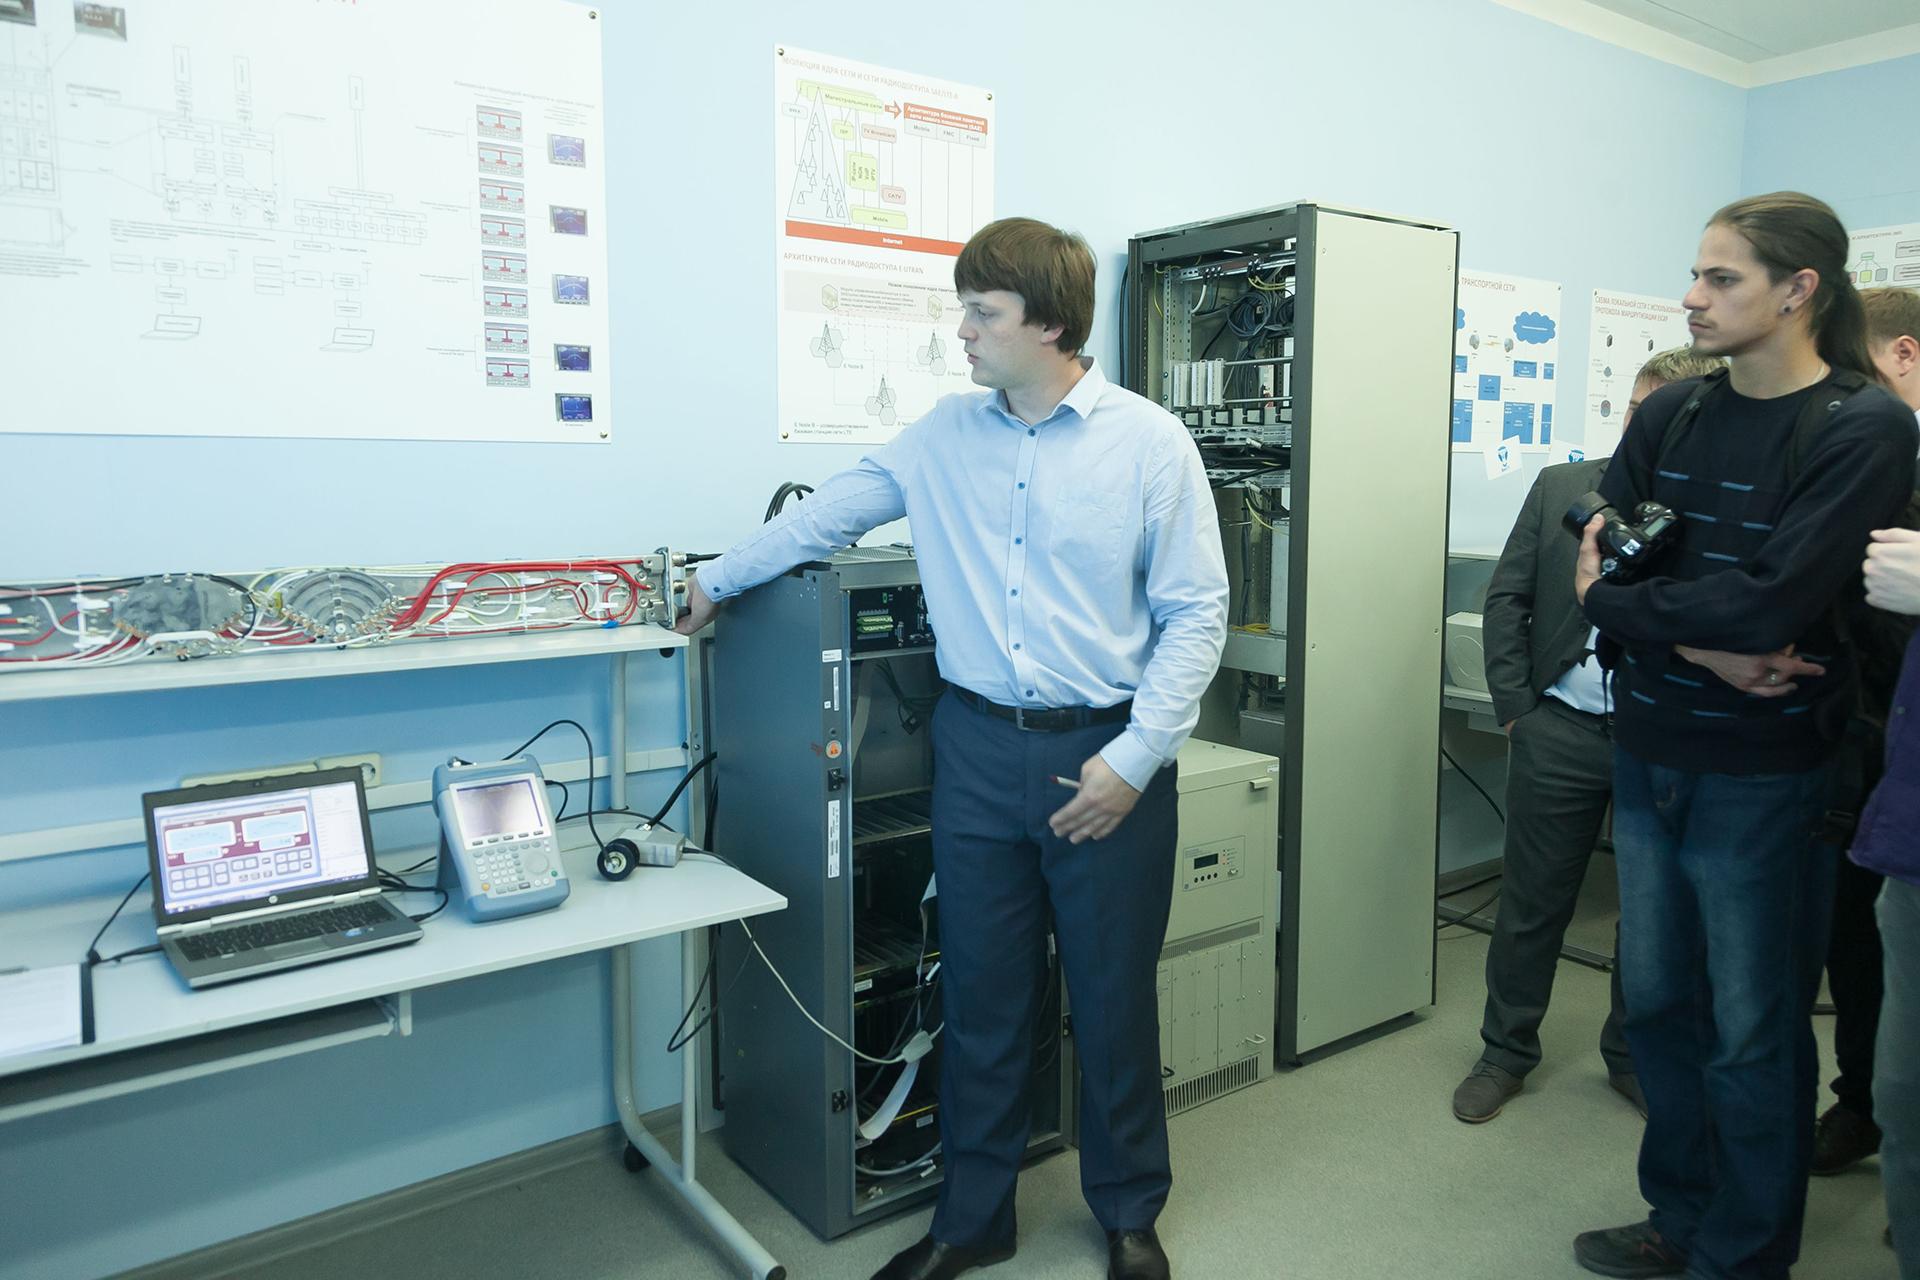 Открытие лаборатории для студентов ВятГУ компанией МТС